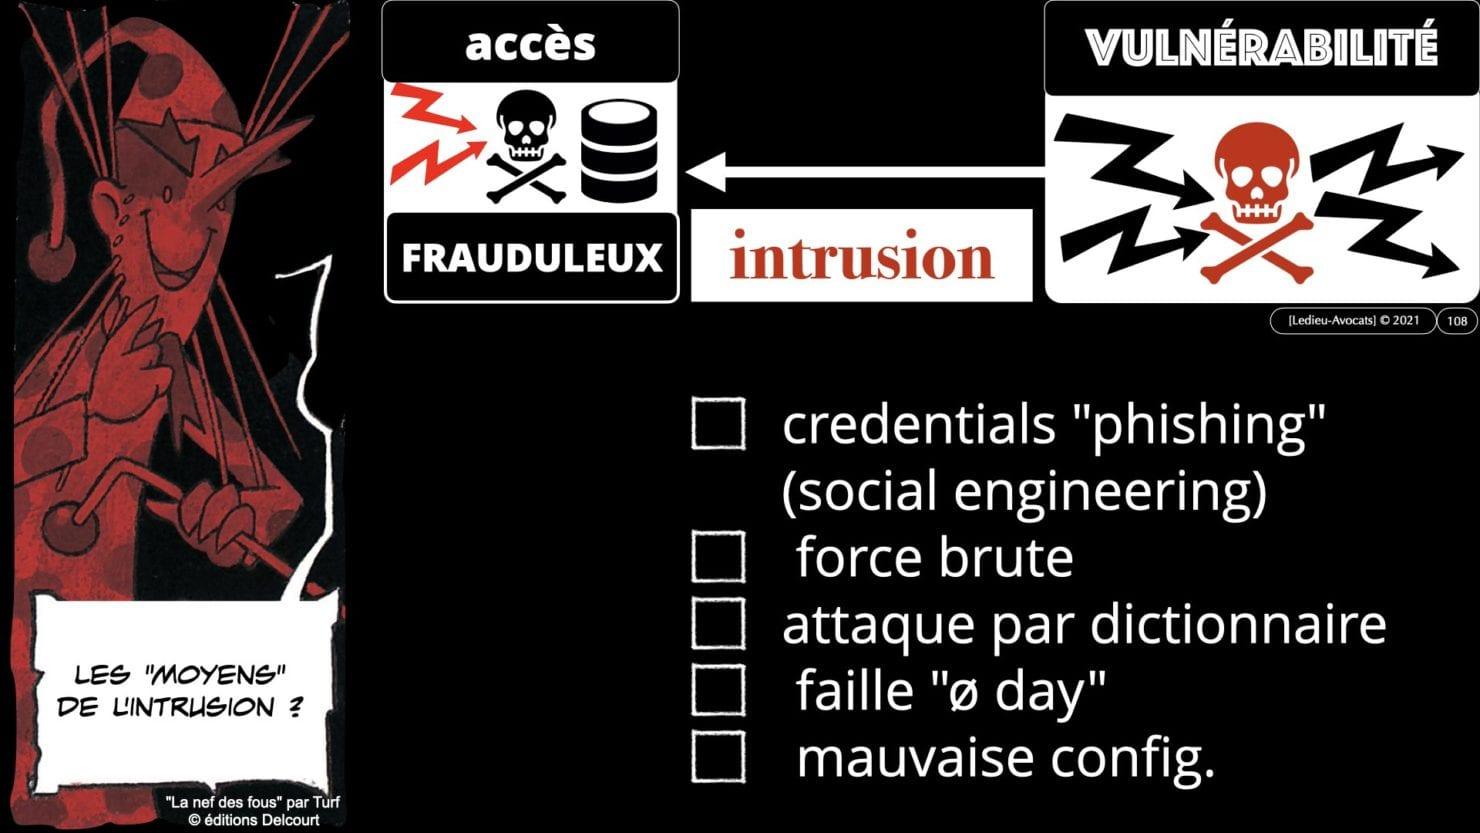 333 CYBER ATTAQUE responsabilité pénale civile contrat © Ledieu-Avocats 23-05-2021.108